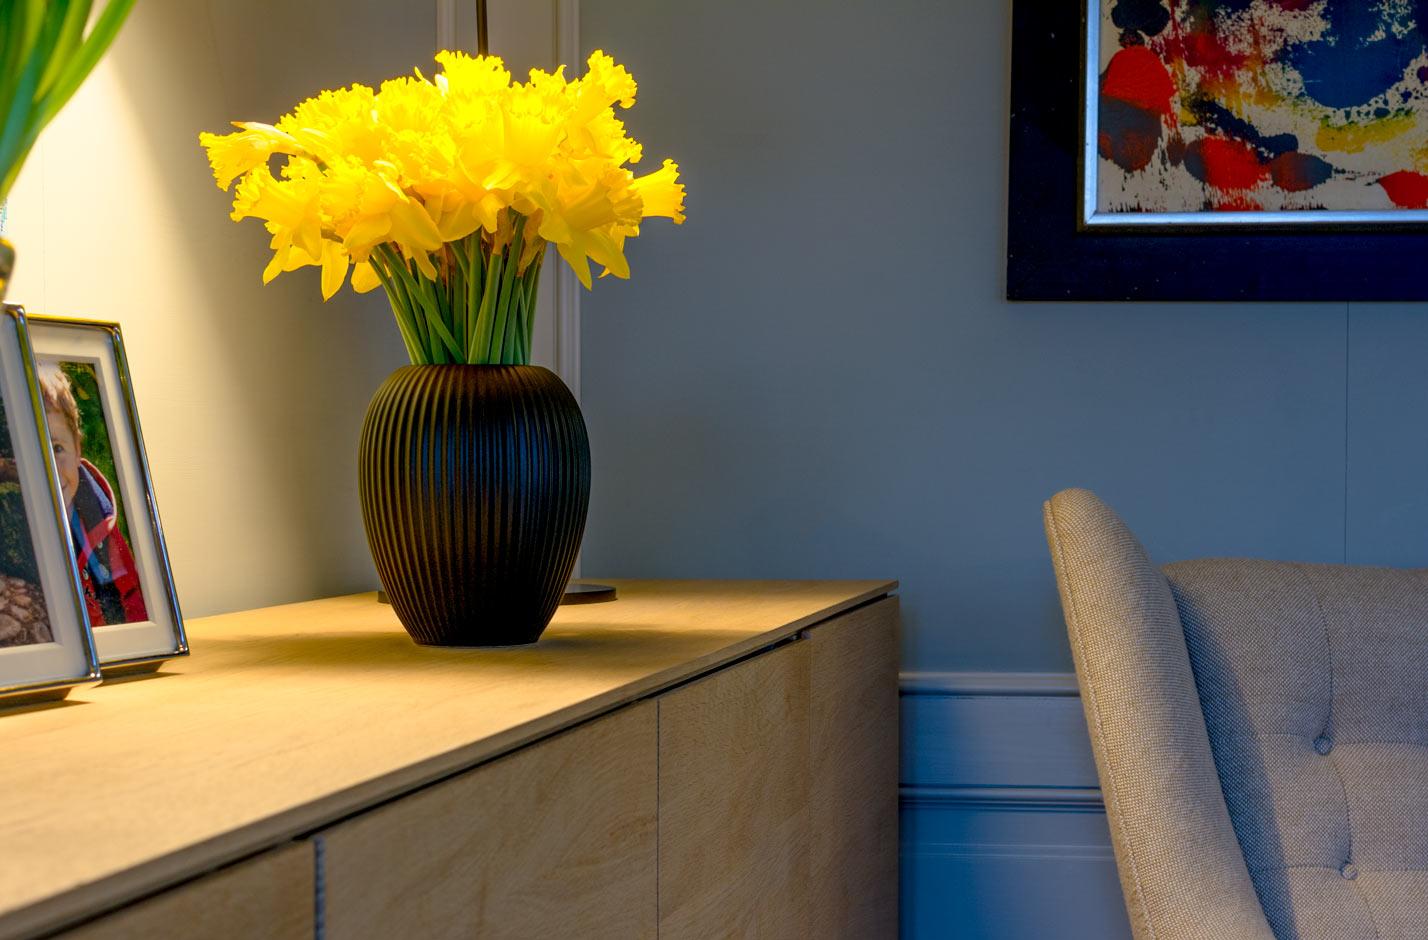 Sort vase i keramik af Michael Andersen Model 4767 størrelse 23 cm med påskeliljer på skænk